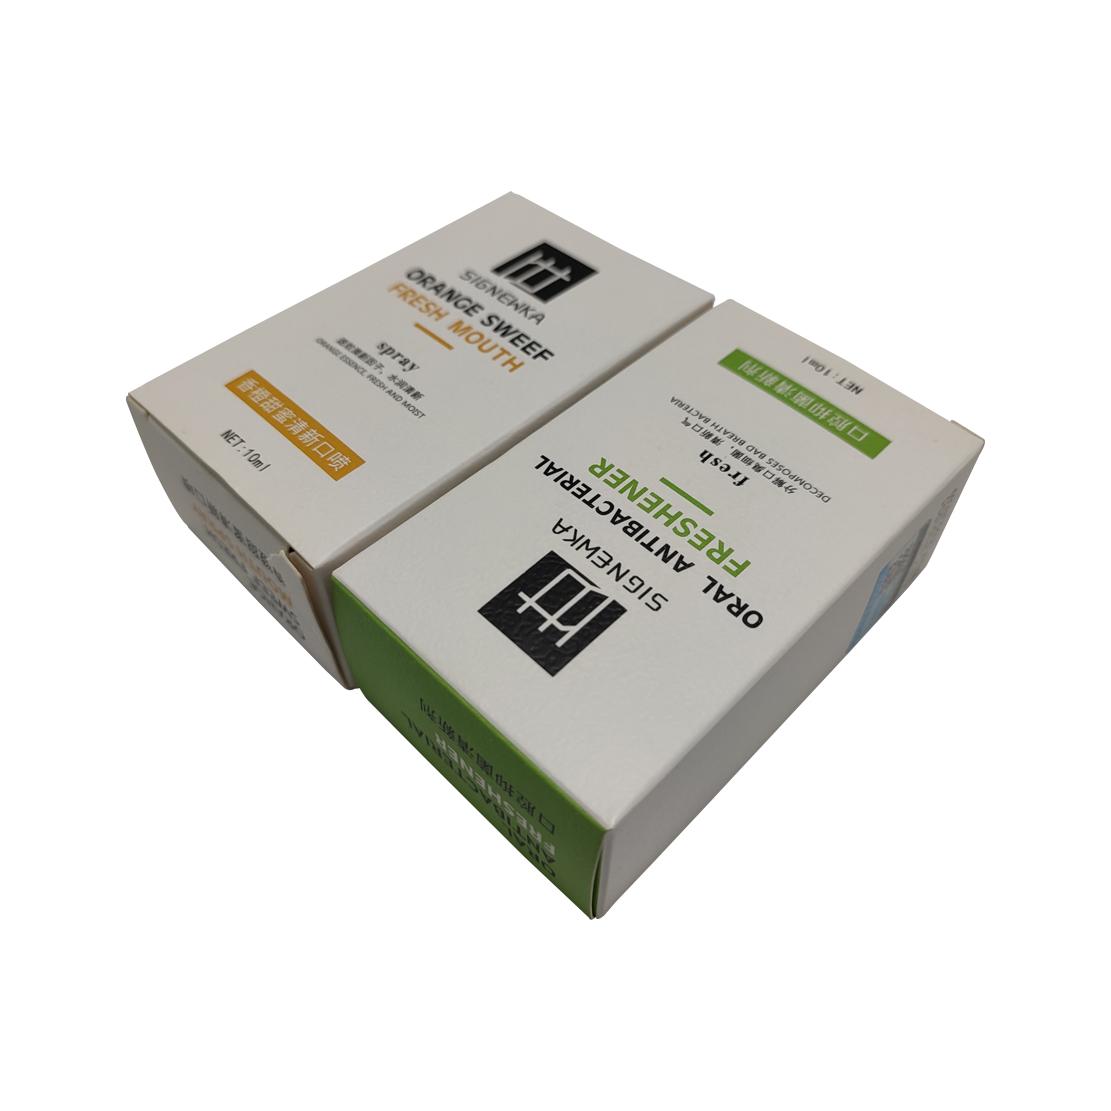 Comprar Embalagem de papel dobrável ecologicamente correta para embalagens de papelão cosméticas,Embalagem de papel dobrável ecologicamente correta para embalagens de papelão cosméticas Preço,Embalagem de papel dobrável ecologicamente correta para embalagens de papelão cosméticas   Marcas,Embalagem de papel dobrável ecologicamente correta para embalagens de papelão cosméticas Fabricante,Embalagem de papel dobrável ecologicamente correta para embalagens de papelão cosméticas Mercado,Embalagem de papel dobrável ecologicamente correta para embalagens de papelão cosméticas Companhia,